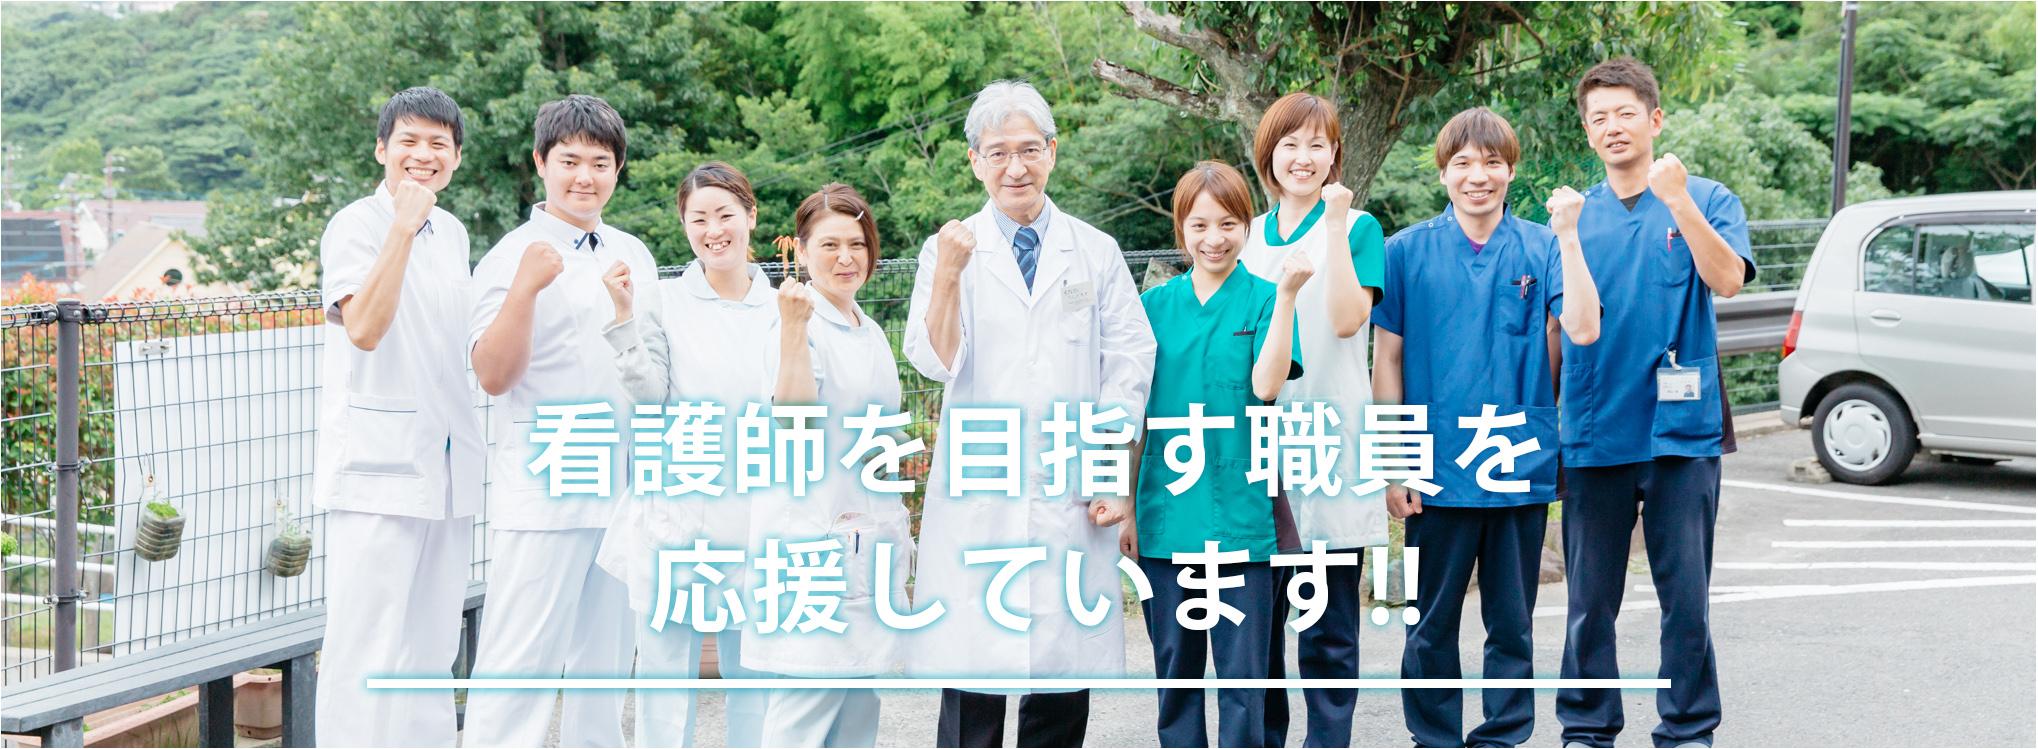 新人看護師教育プログラム